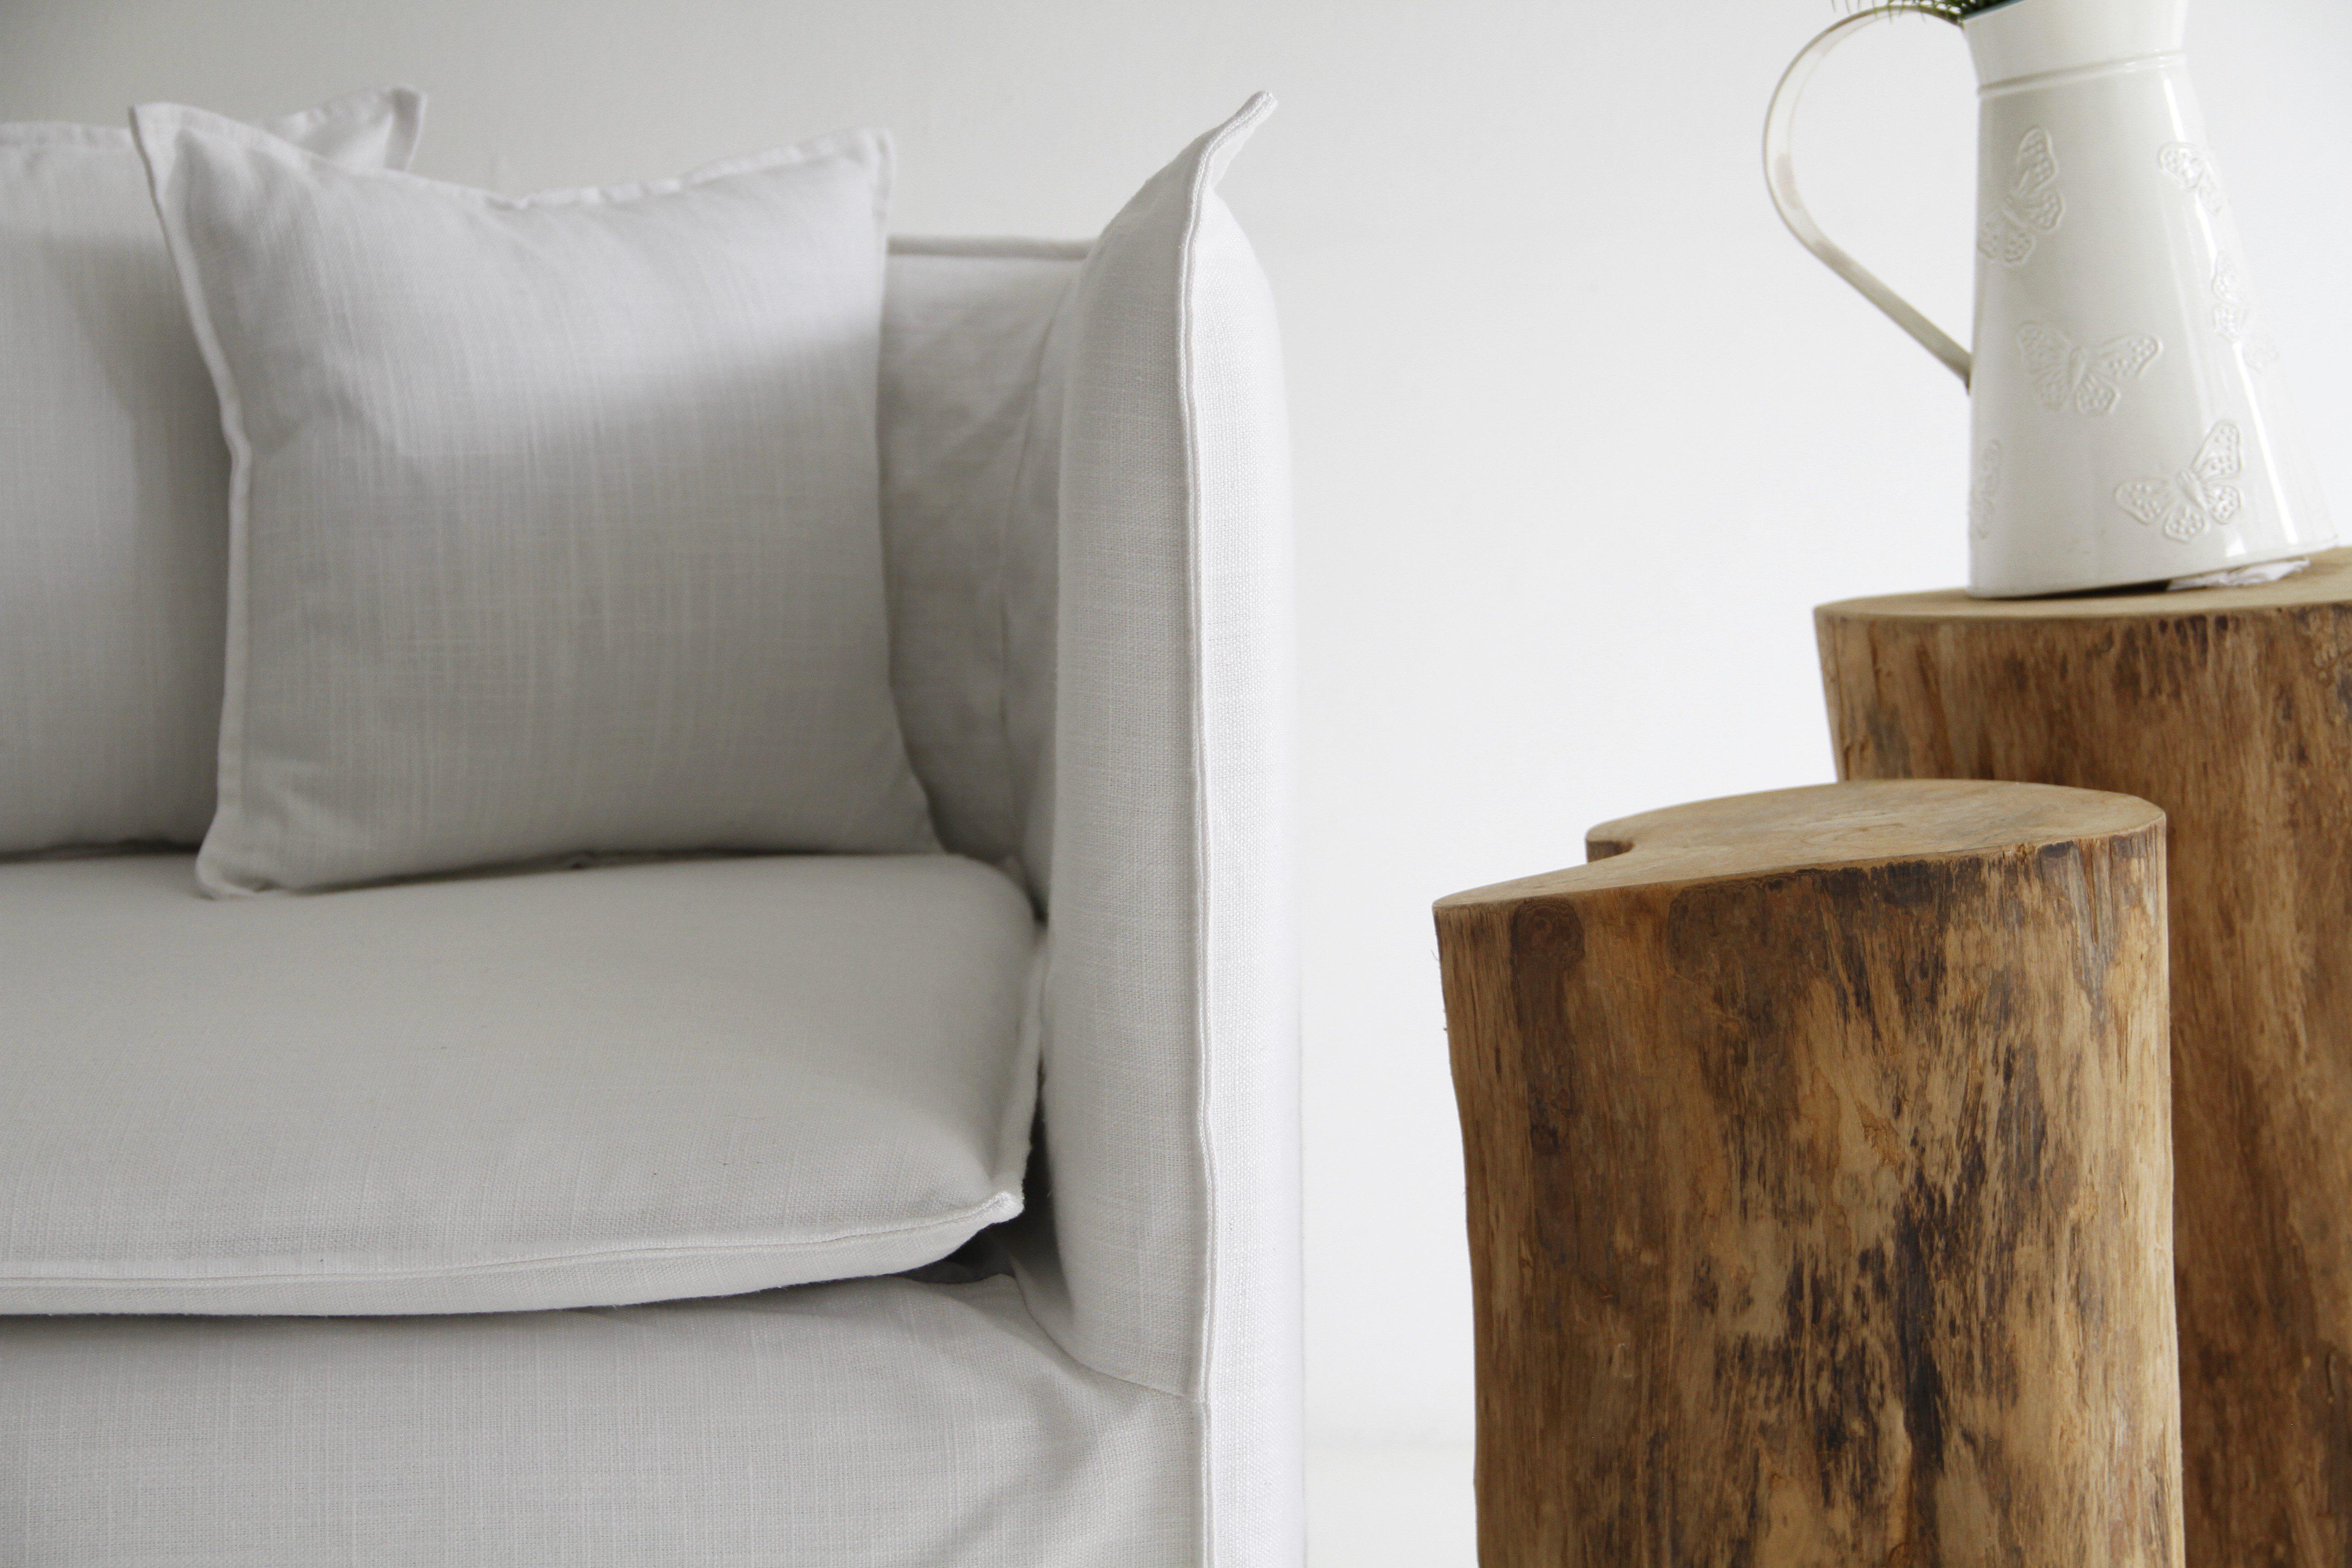 Modificare il divano Ghost con il divano Soderhamn - Parte 2: La fodera svelata